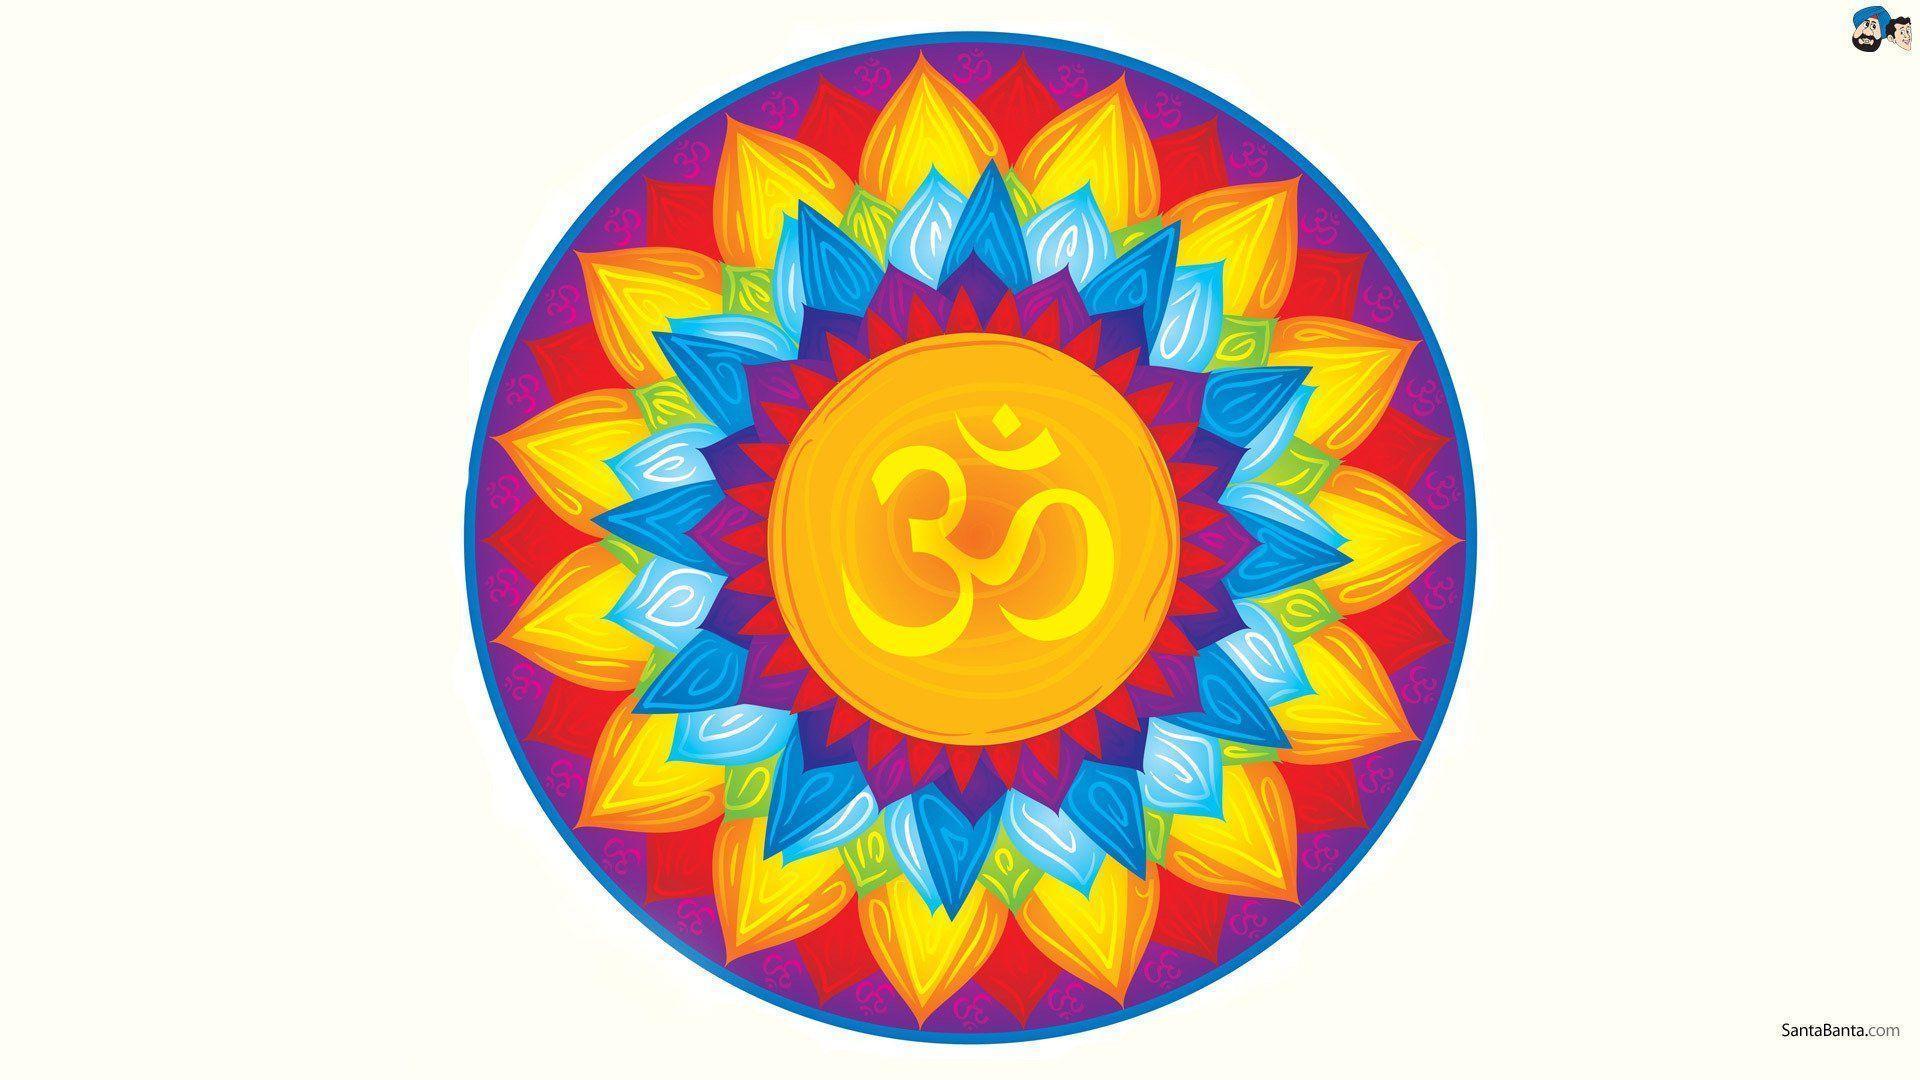 175 wallpapers: hindues, mandalas ,yantras, etc - Taringa!